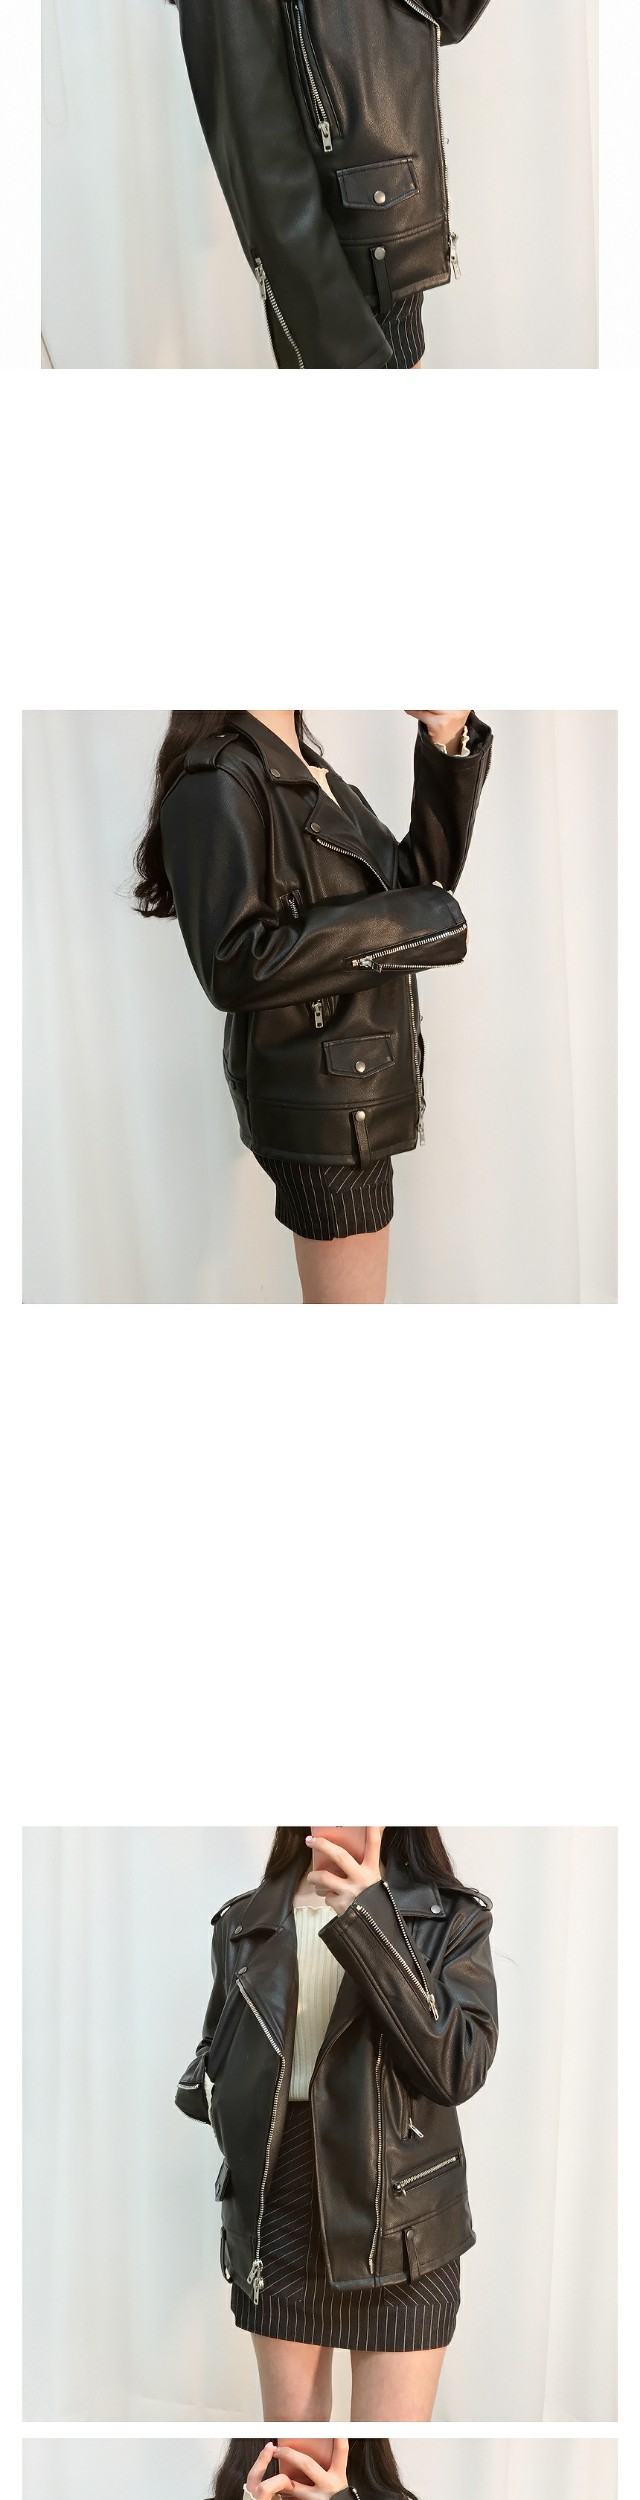 Montrider jacket / 4-8 days, ♥